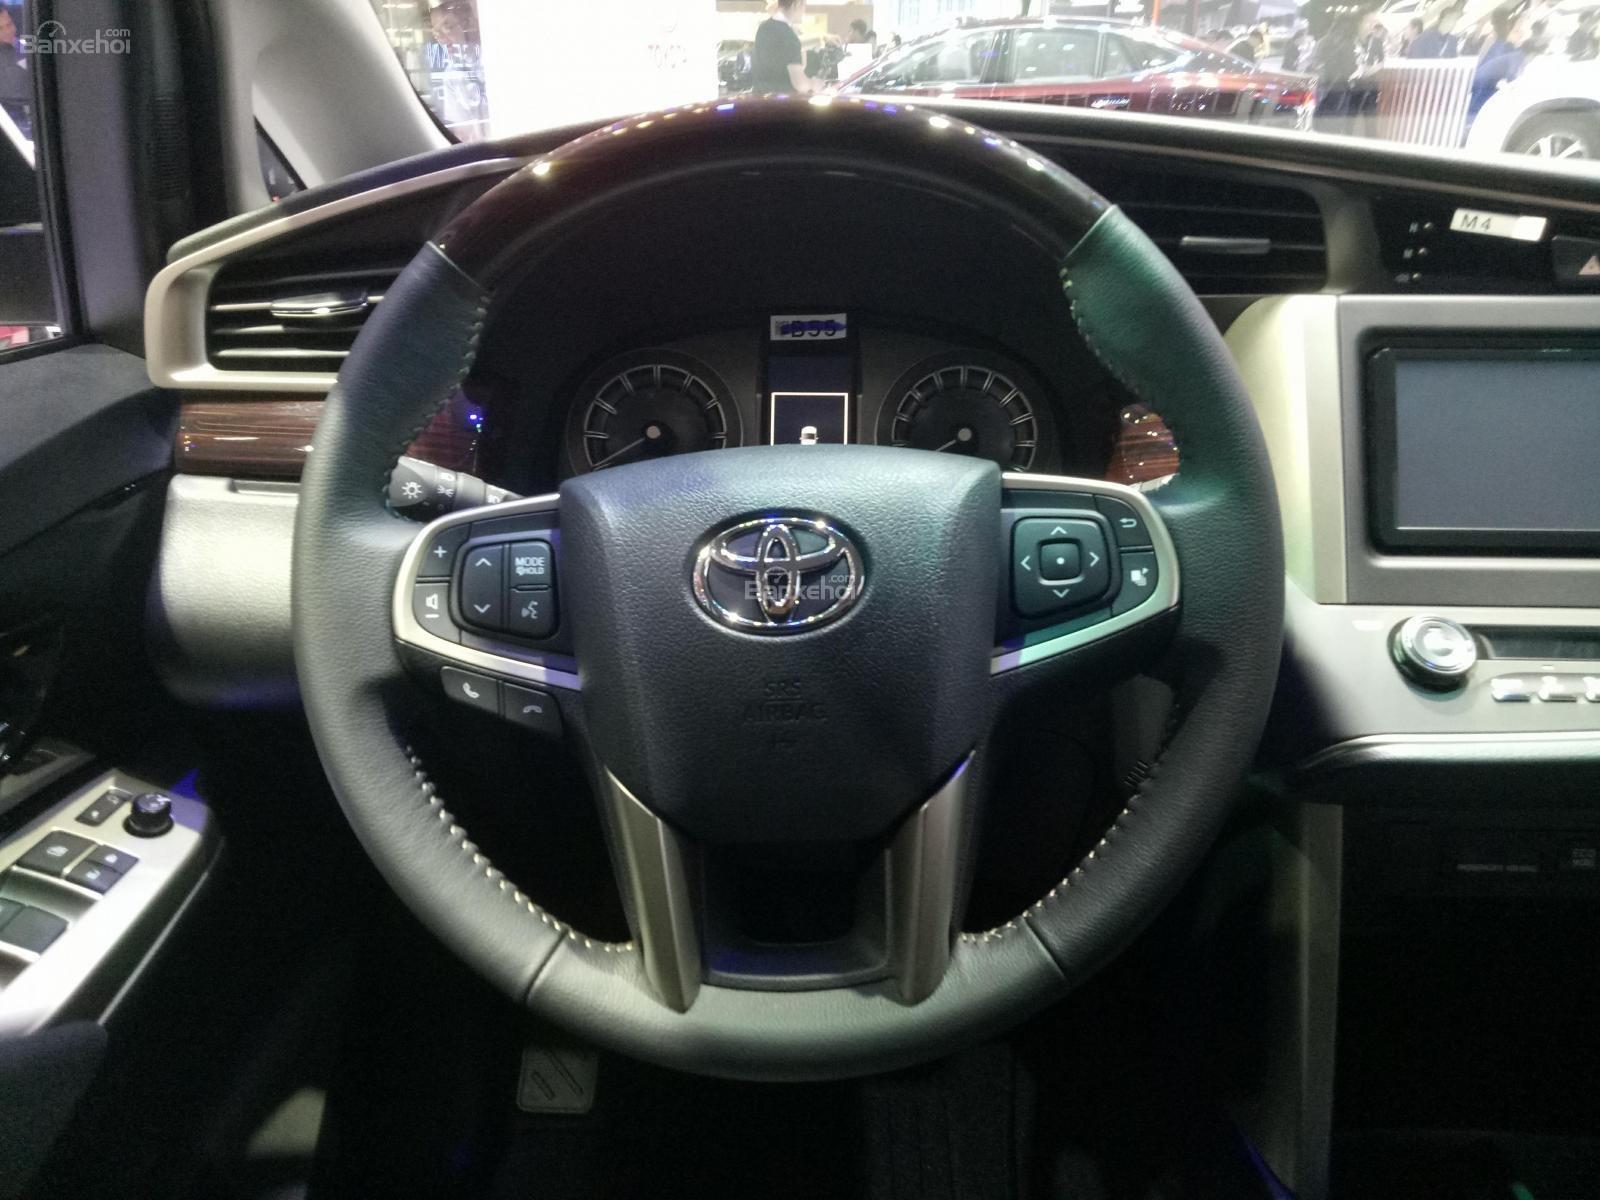 Đánh giá xe Toyota Innova Venturer 2019: Vô-lăng bọc da, 4 chấu, ốp gỗ tạo cảm giác sang trọng 1